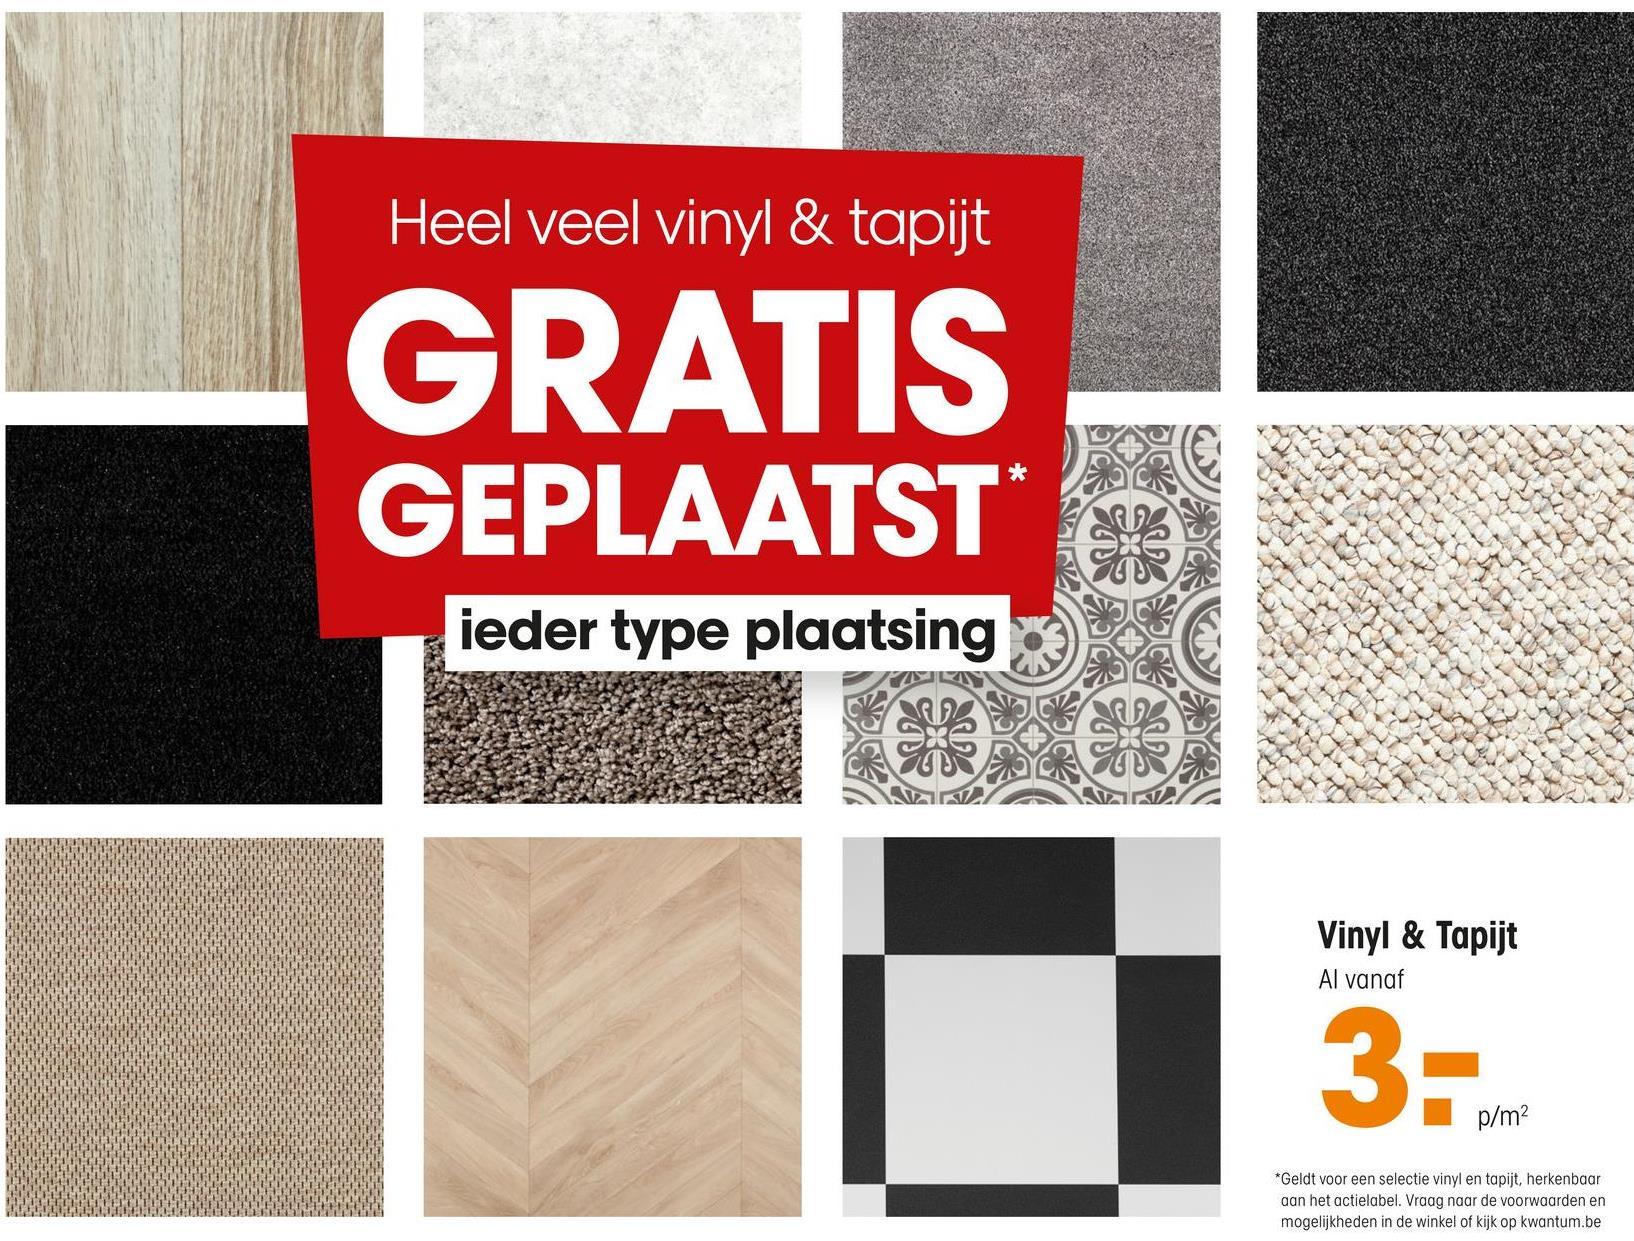 Heel veel vinyl & tapijt GRATIS GEPLAATST* ieder type plaatsing Vinyl & Tapijt Al vanaf 3- p/m2 *Geldt voor een selectie vinyl en tapijt, herkenbaar aan het actielabel. Vraag naar de voorwaarden en mogelijkheden in de winkel of kijk op kwantum.be